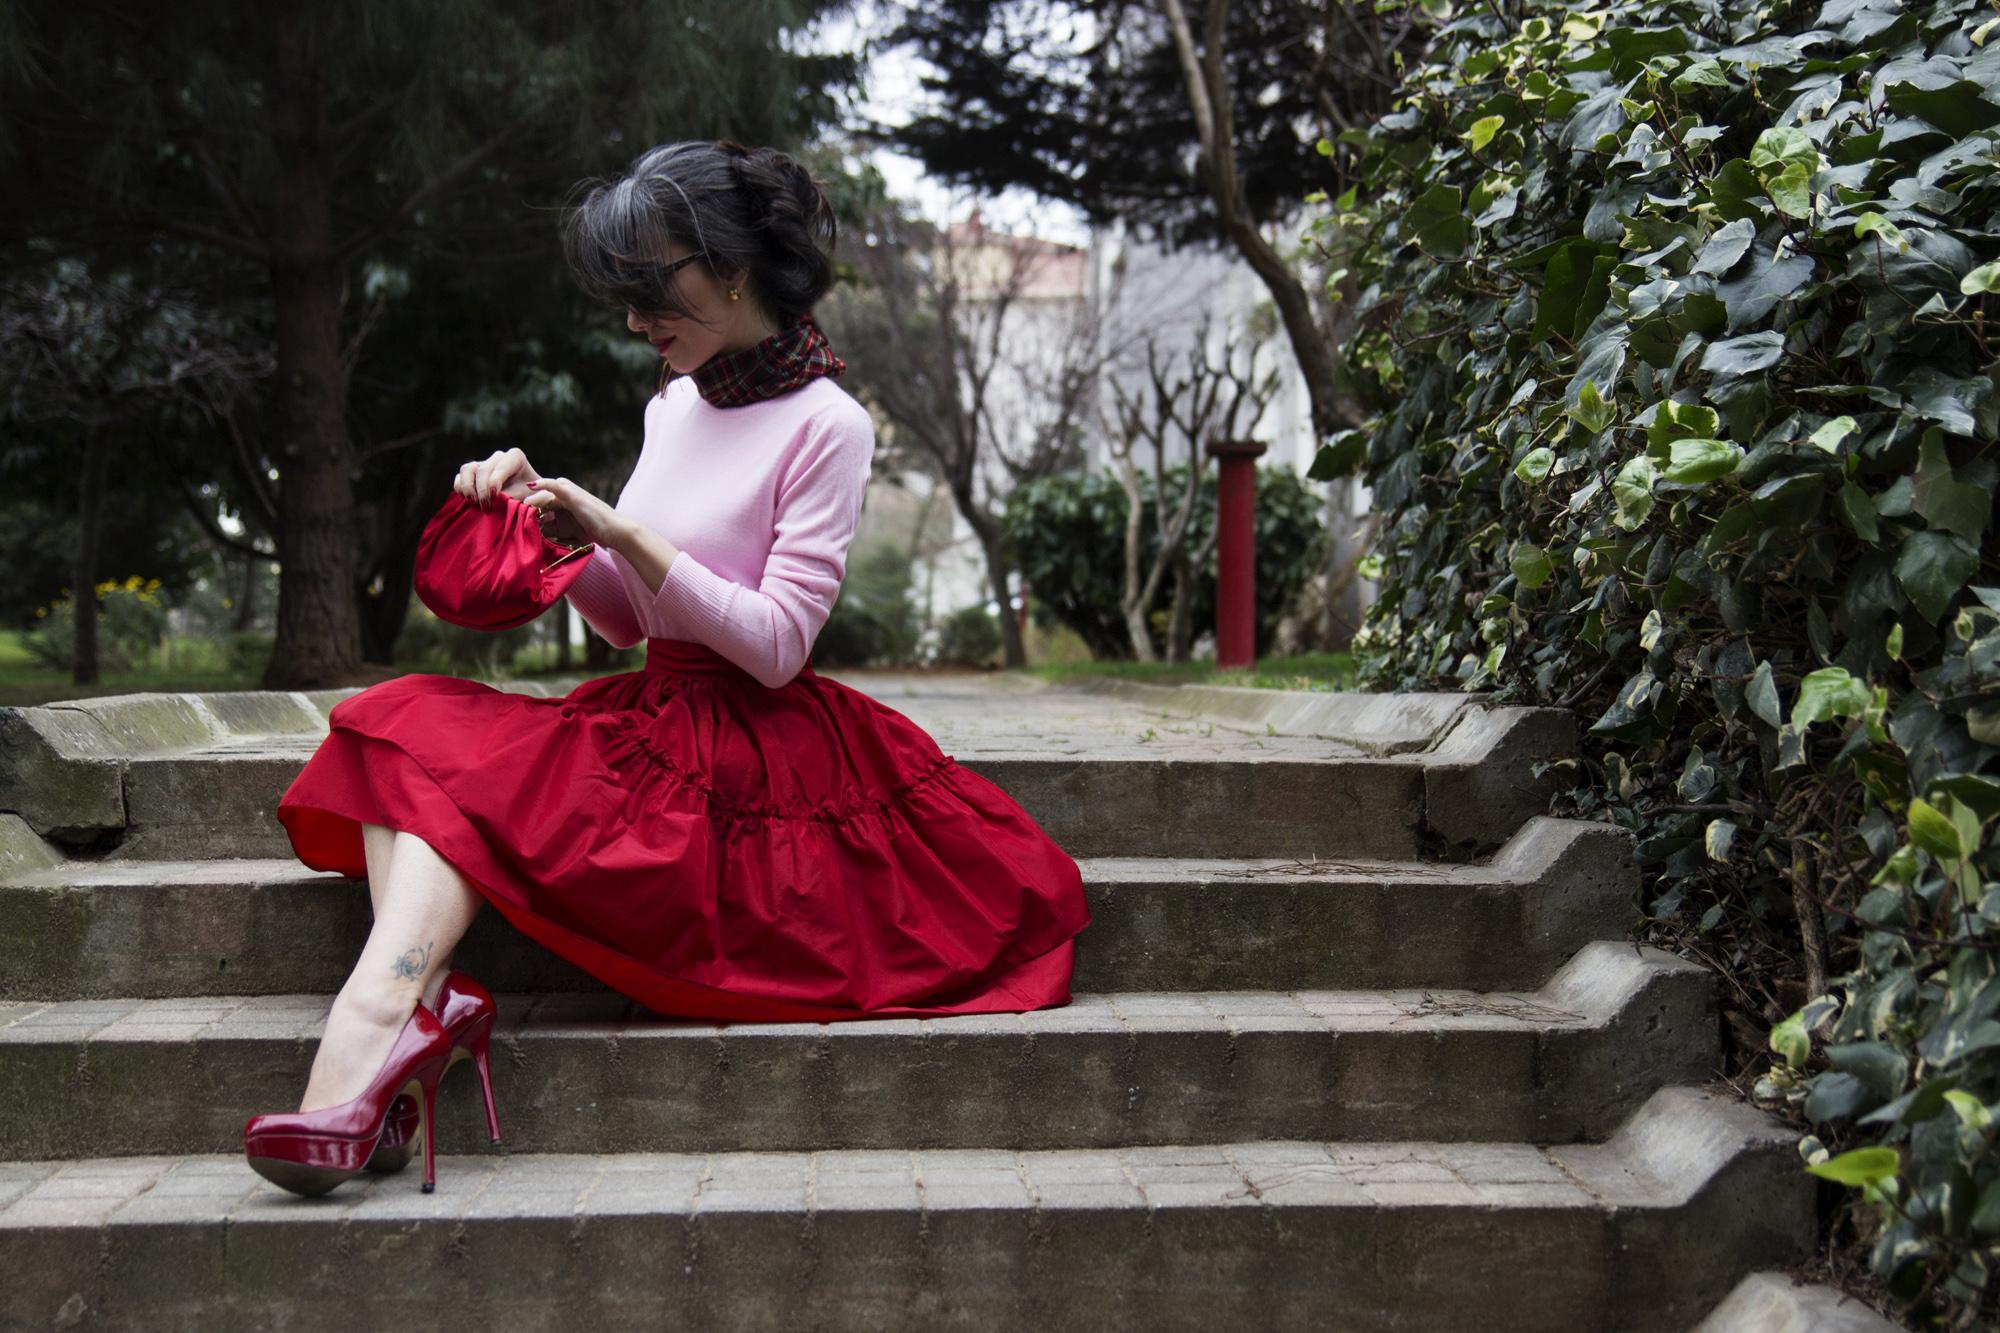 sevgililer günü, sevgililer gününde ne giymeli,kırmızı etek nasıl giyilir, mezuniyet balosu elbise modelleri, twist, nine west, kabarık etek